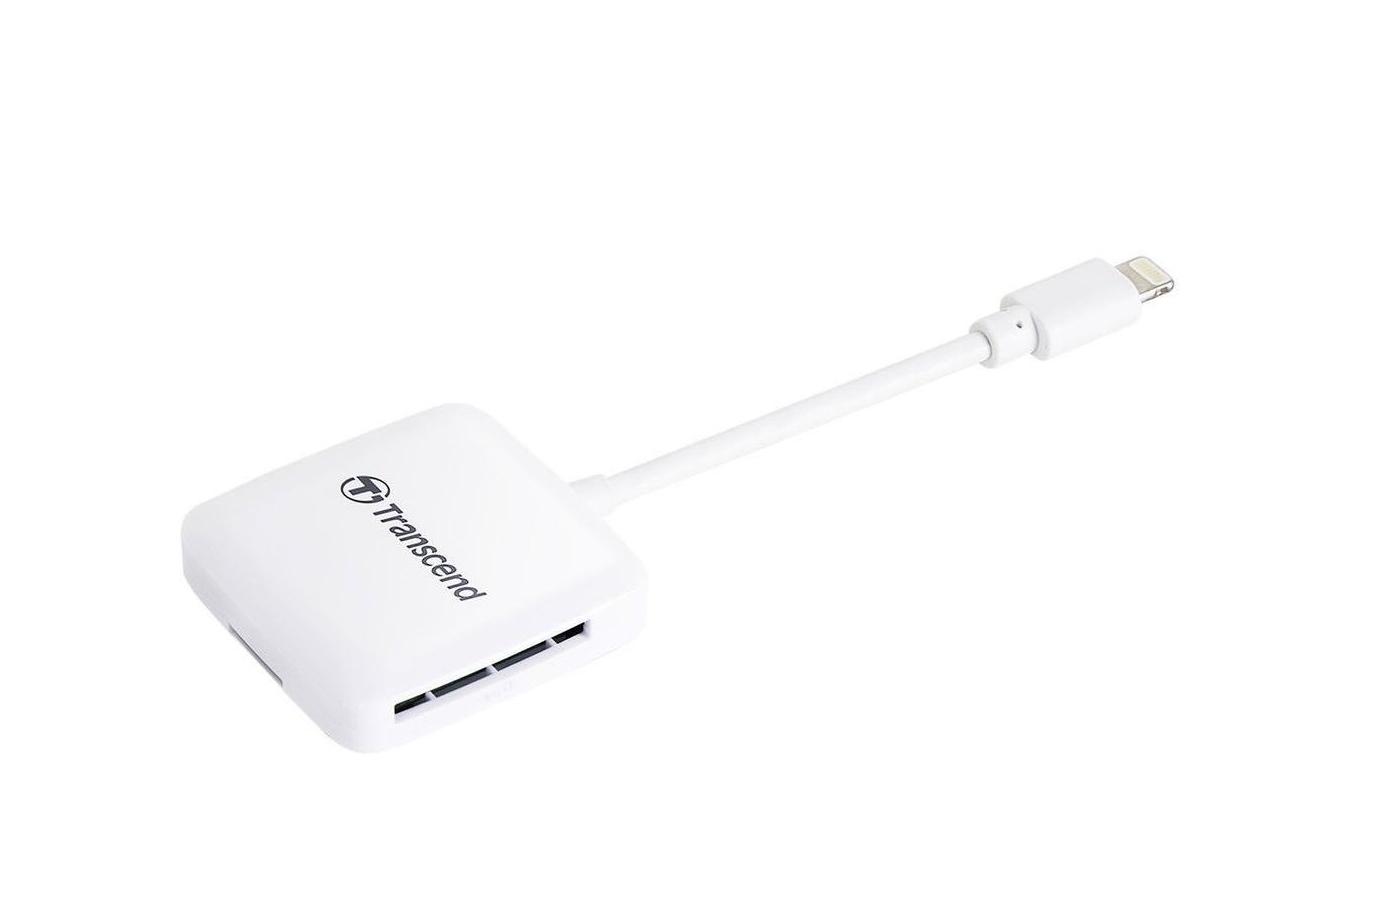 Transcend čtečka paměťových karet pro Apple iPhone/iPad/iPod, Lightning connector, bílá - SDHC / SDXC, microSDHC / S